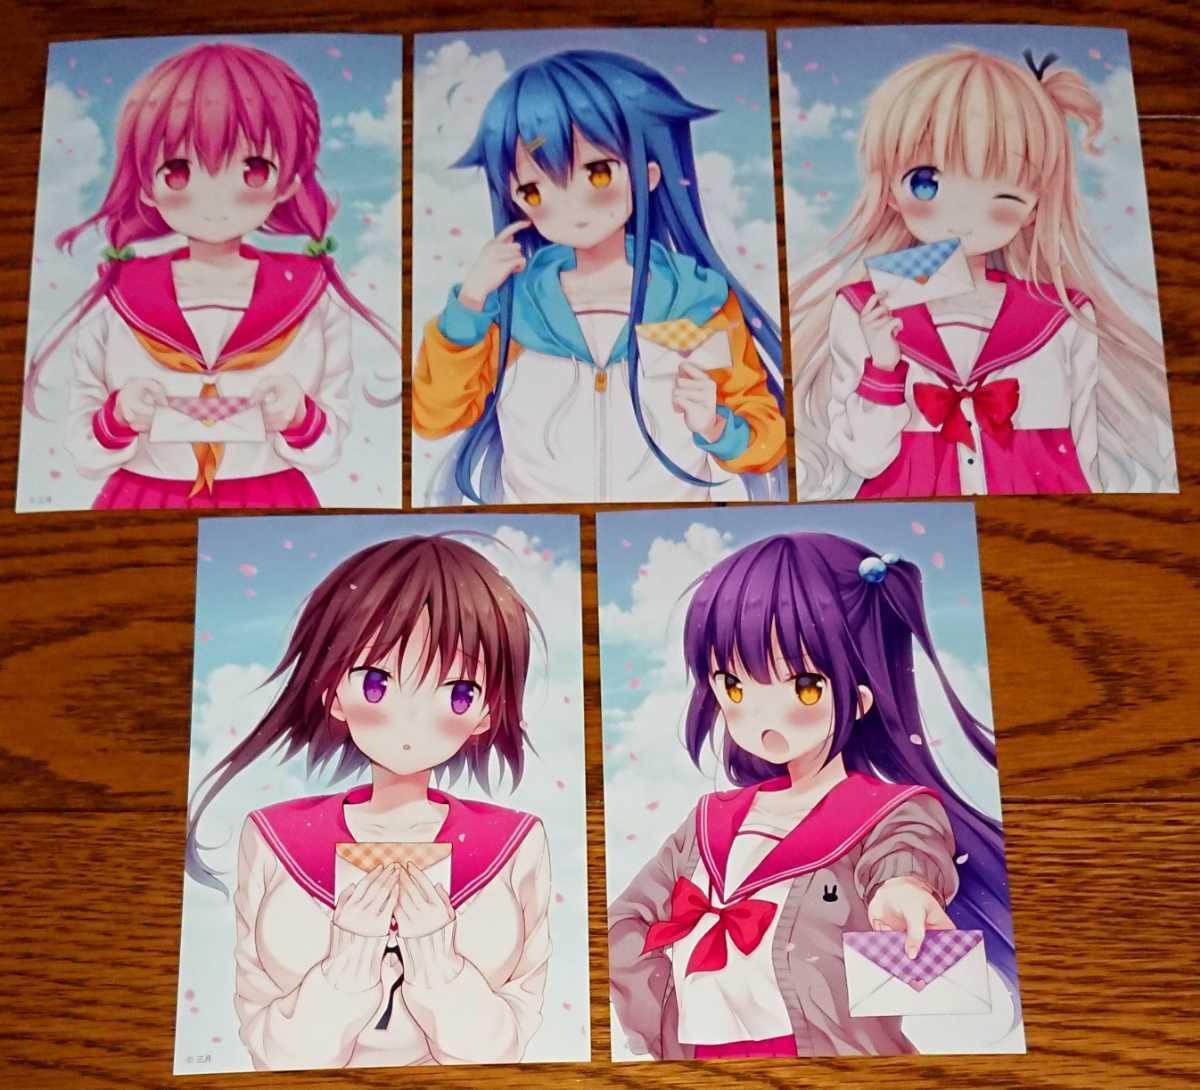 【全5種類セット】ひなこのーと 告白カード フルコンプセット イラストカード 非売品 購入特典 三月 ポストカード